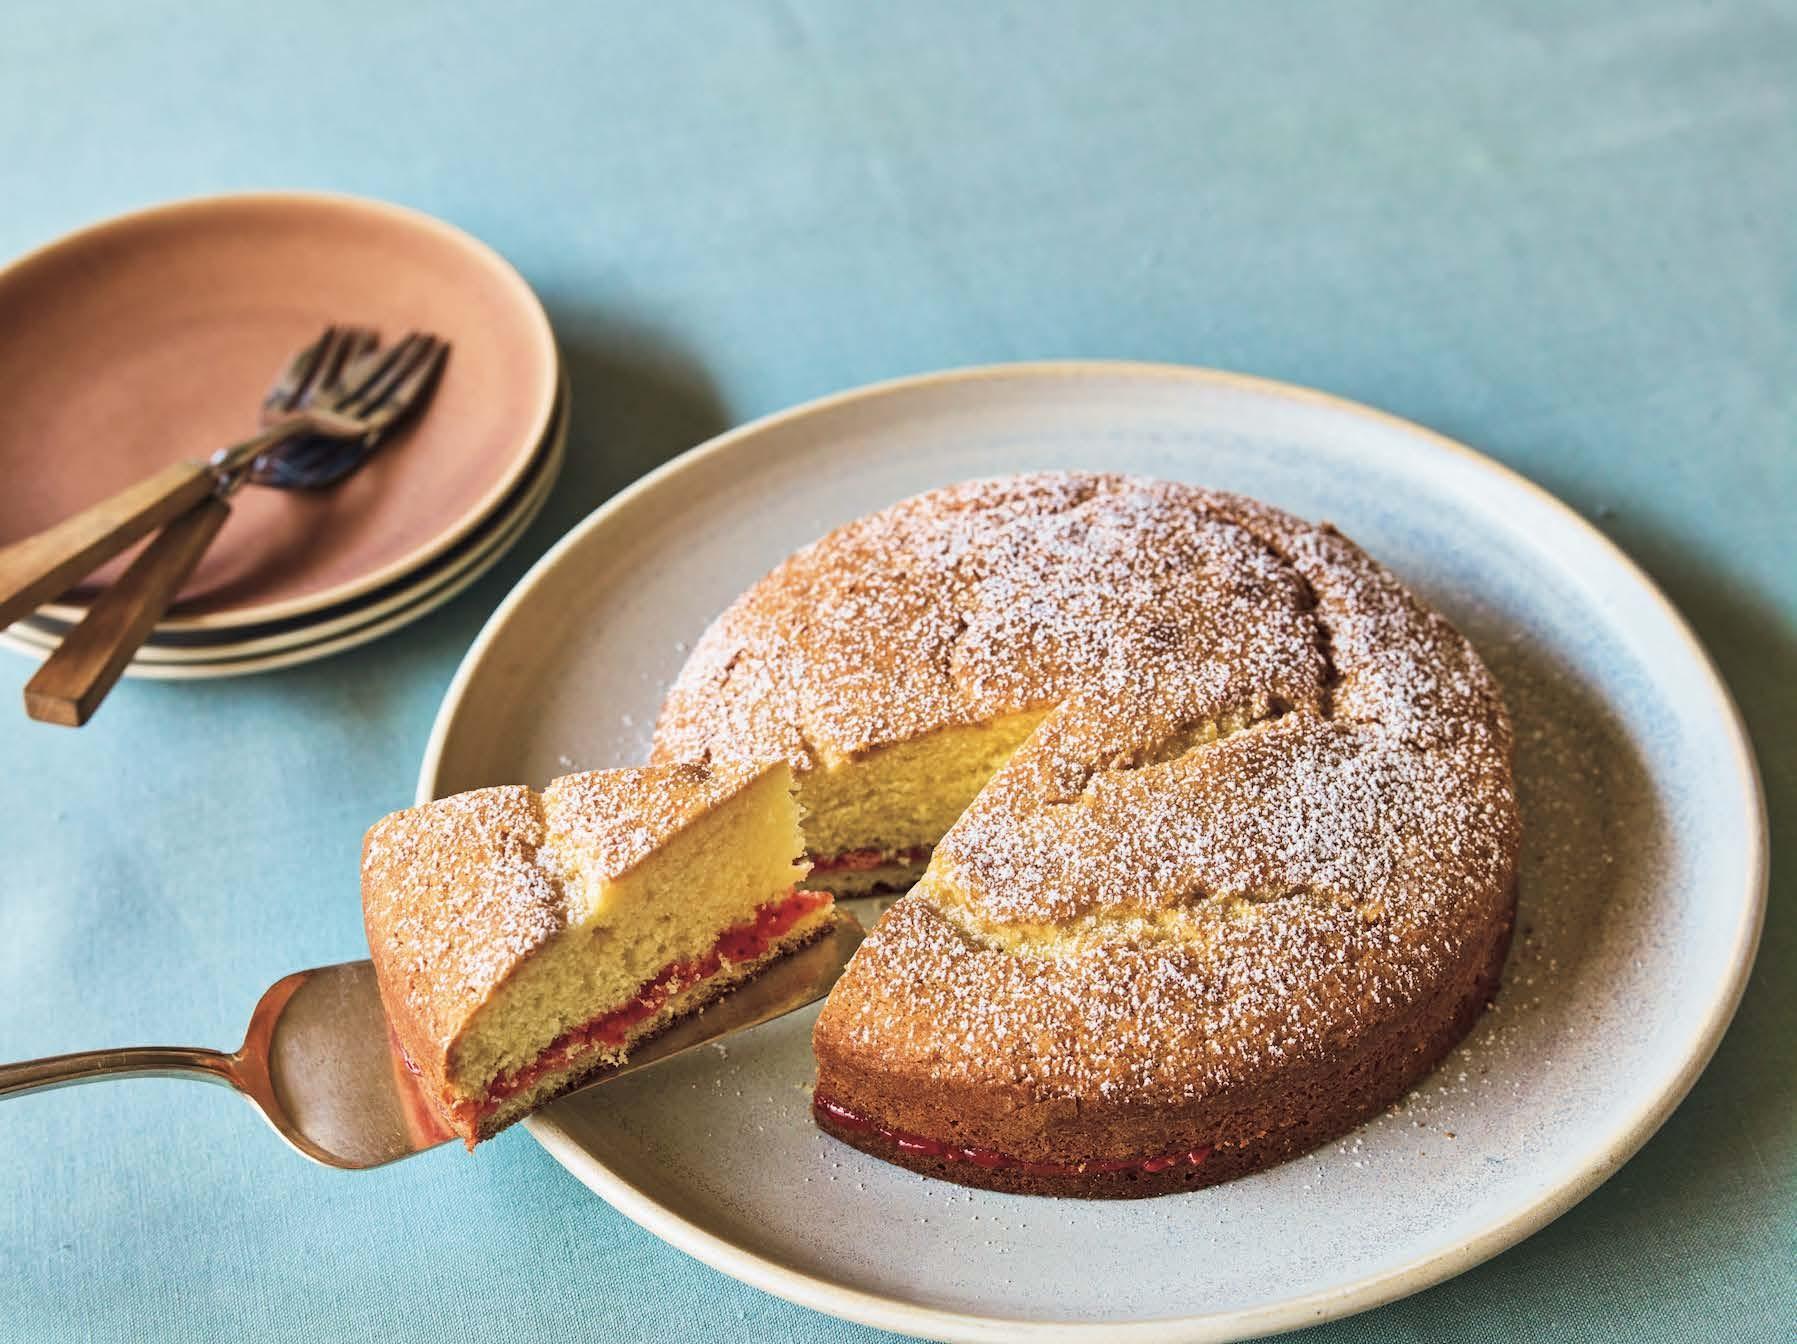 食べごたえたっぷり! イギリスで親しまれている「ビクトリアンケーキ」